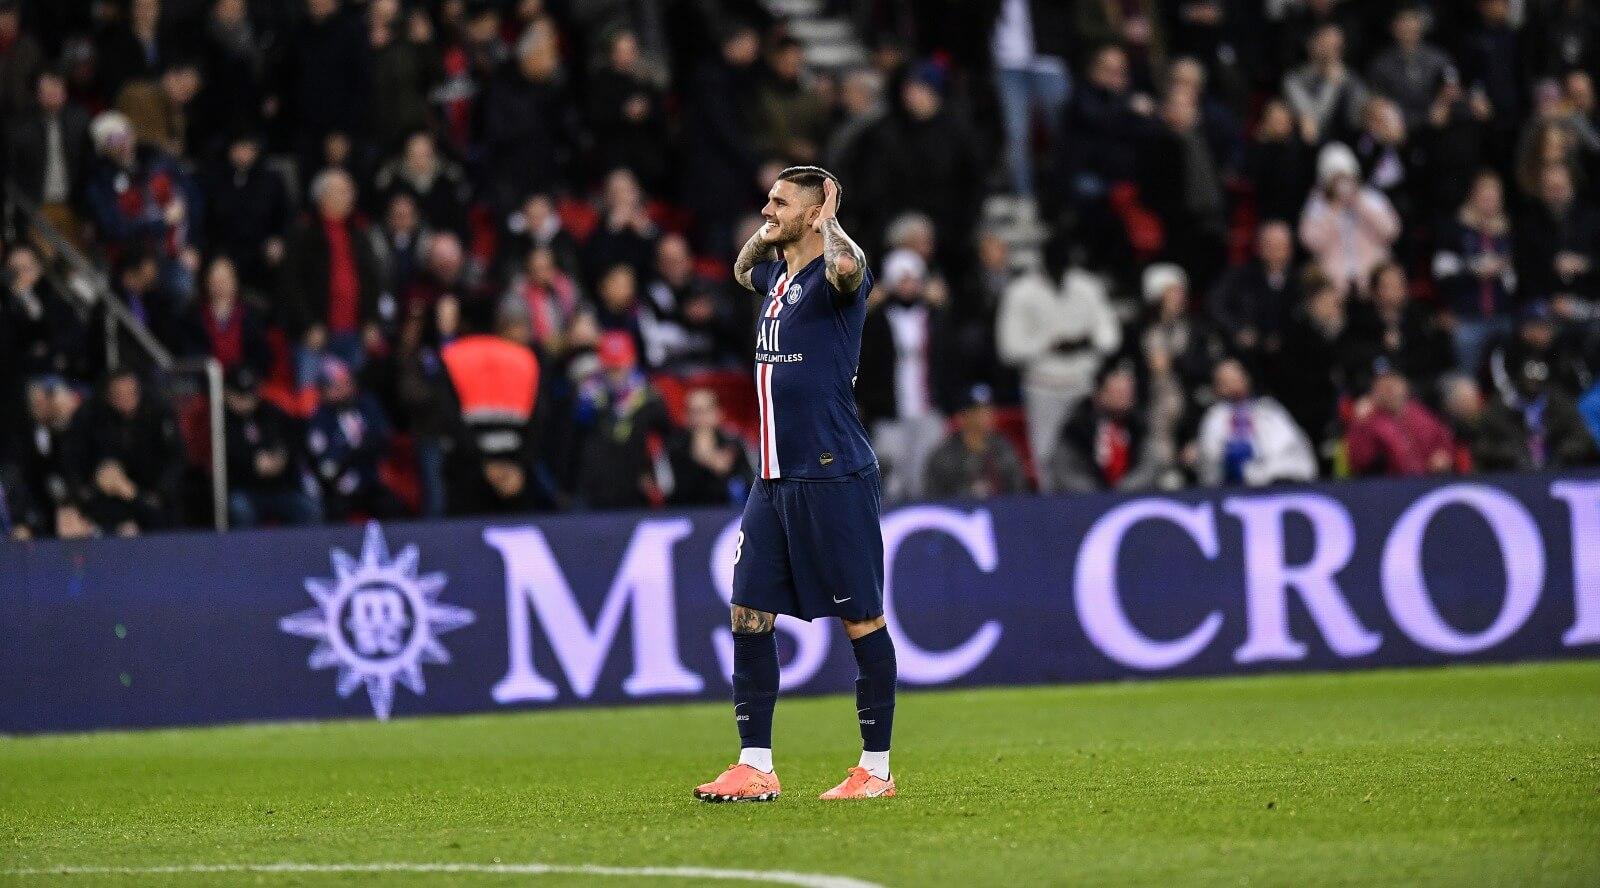 El nuevo récord de Icardi en en PSG